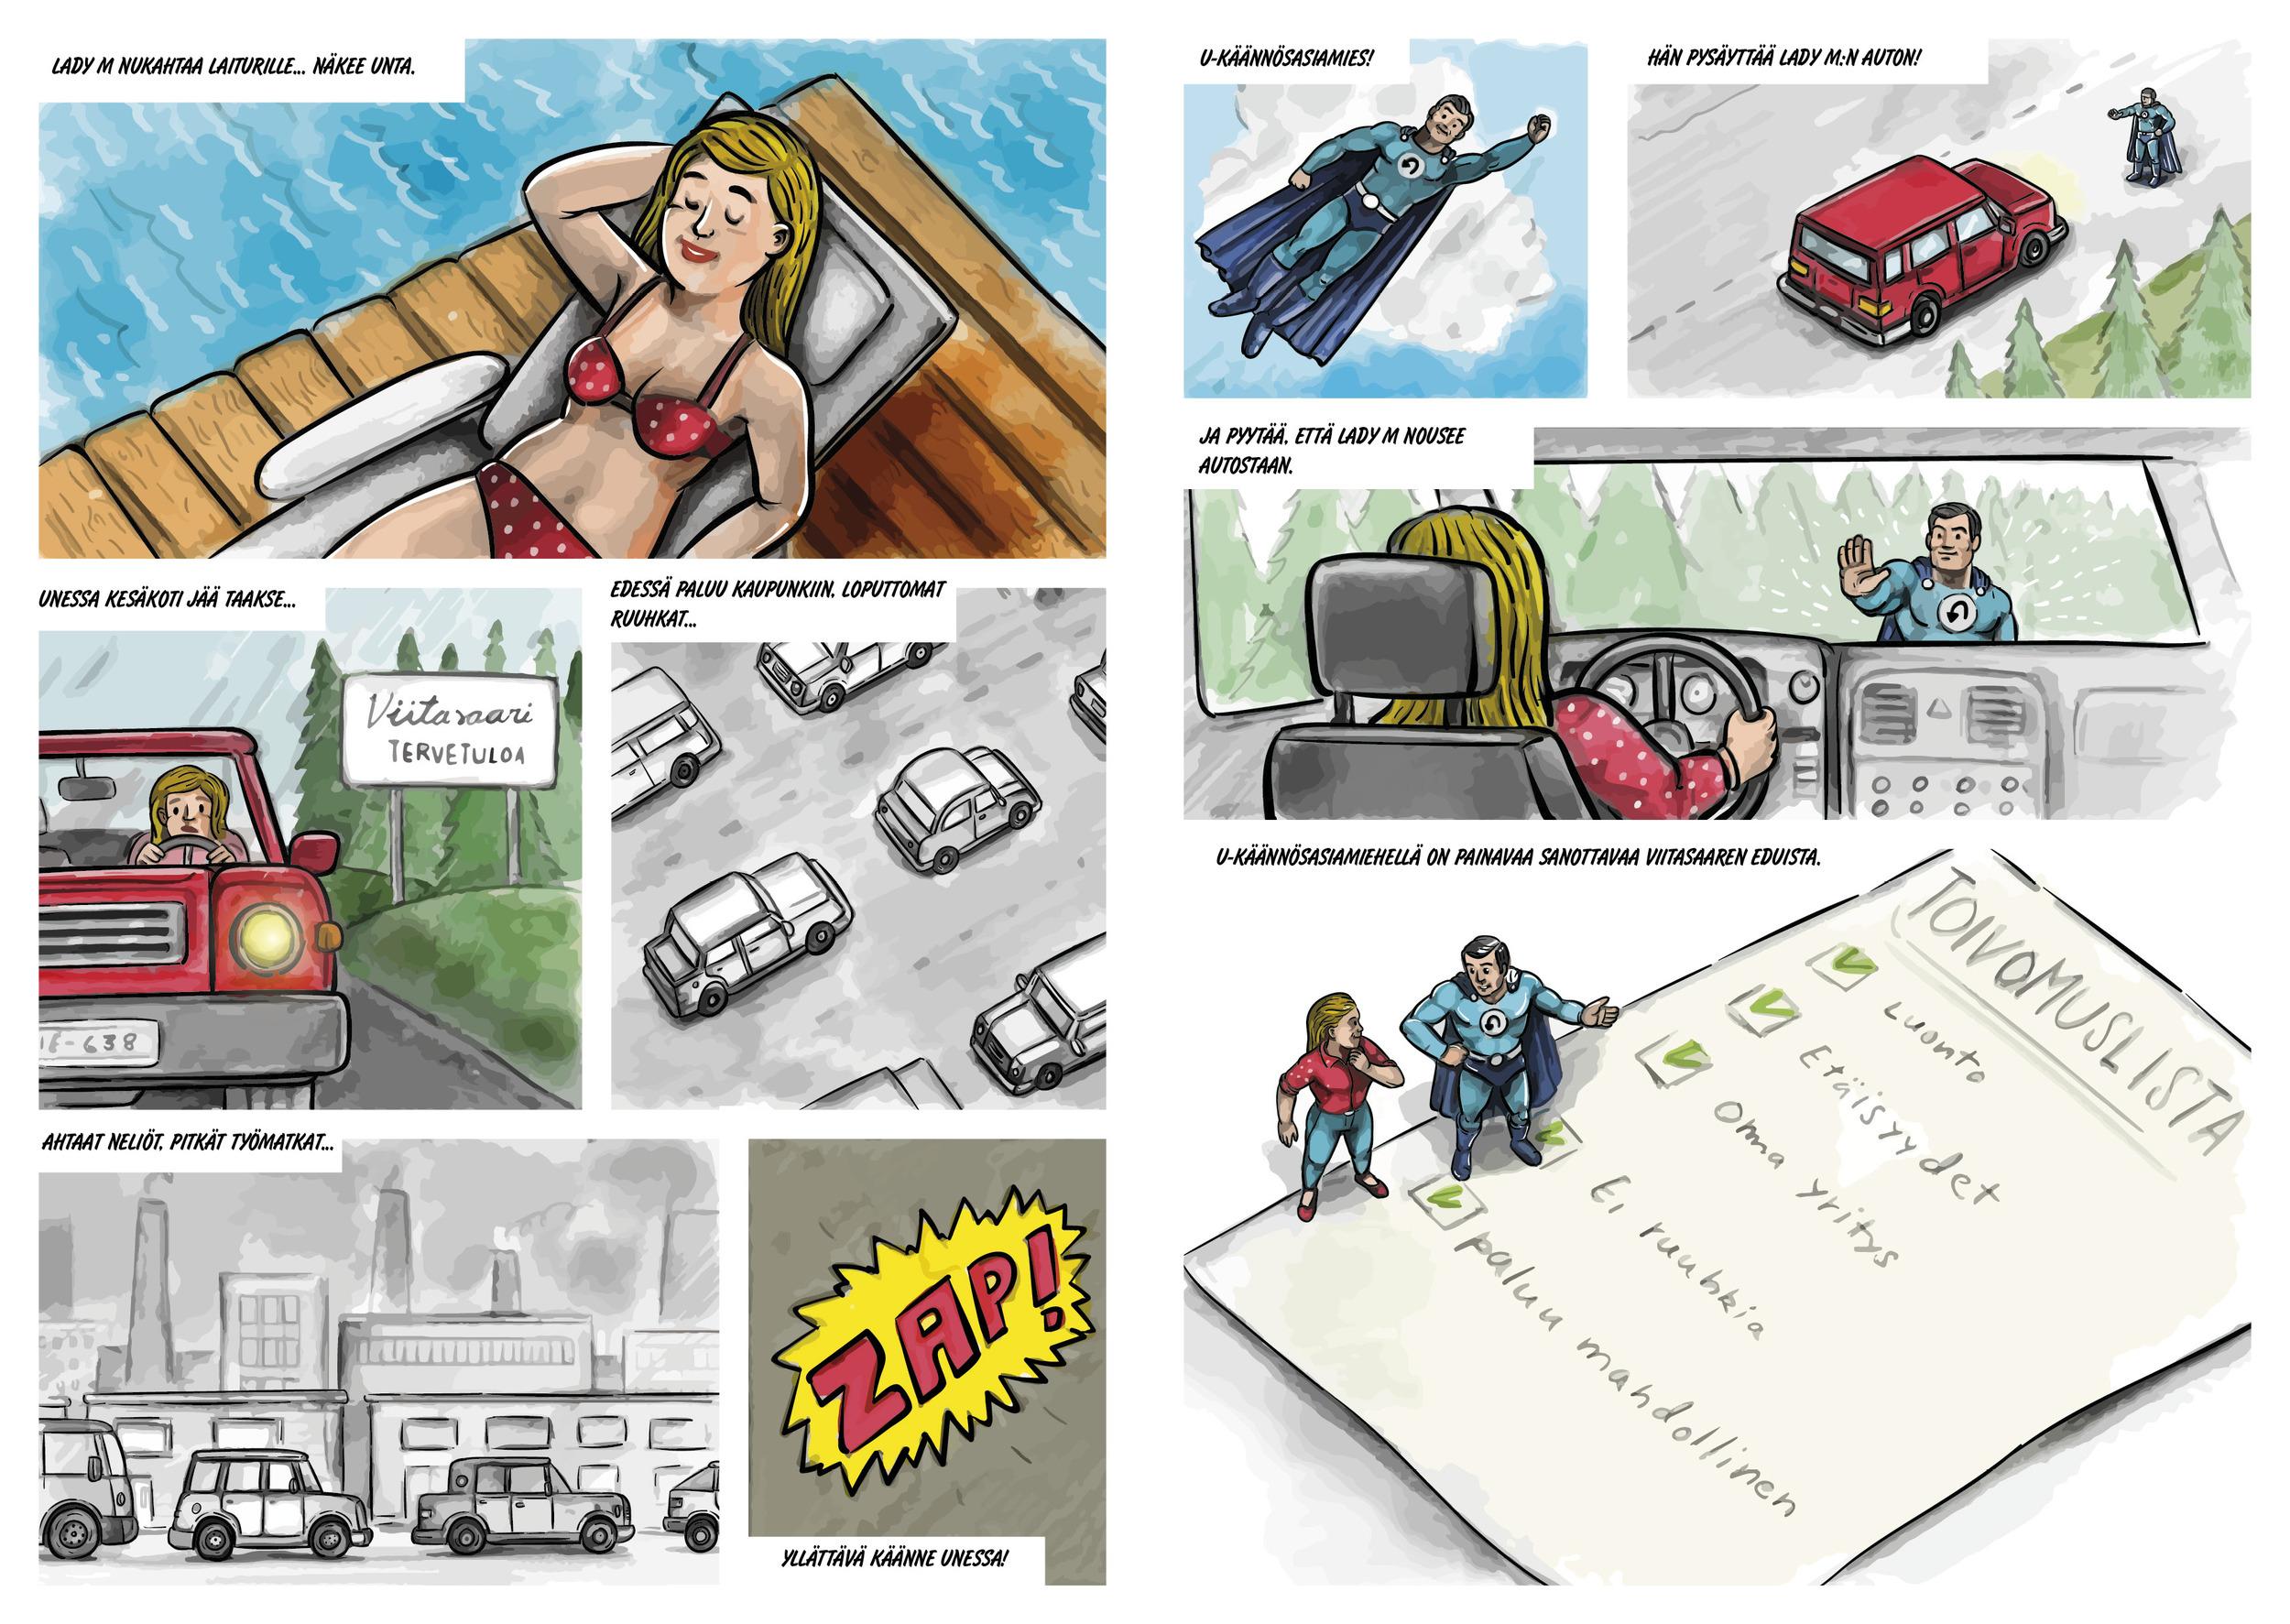 viitasaari-sarjakuva-web-1_0032.jpg